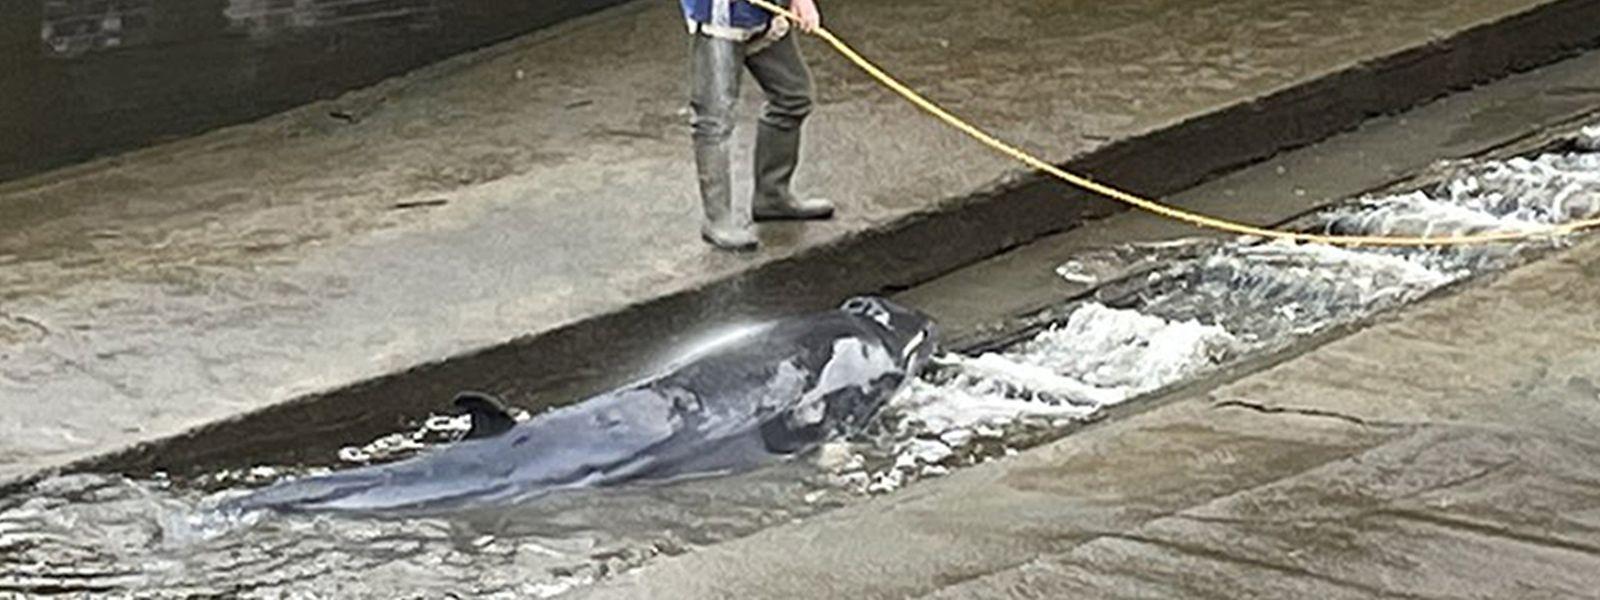 Das von Jake Manketo auf Twitter veröffentlichte und zur Verfügung gestellte Foto zeigt den Wal der in einer Themse-Schleuse von einem Mann mit Hilfe eines Wasserschlauchs nass gehalten wird.